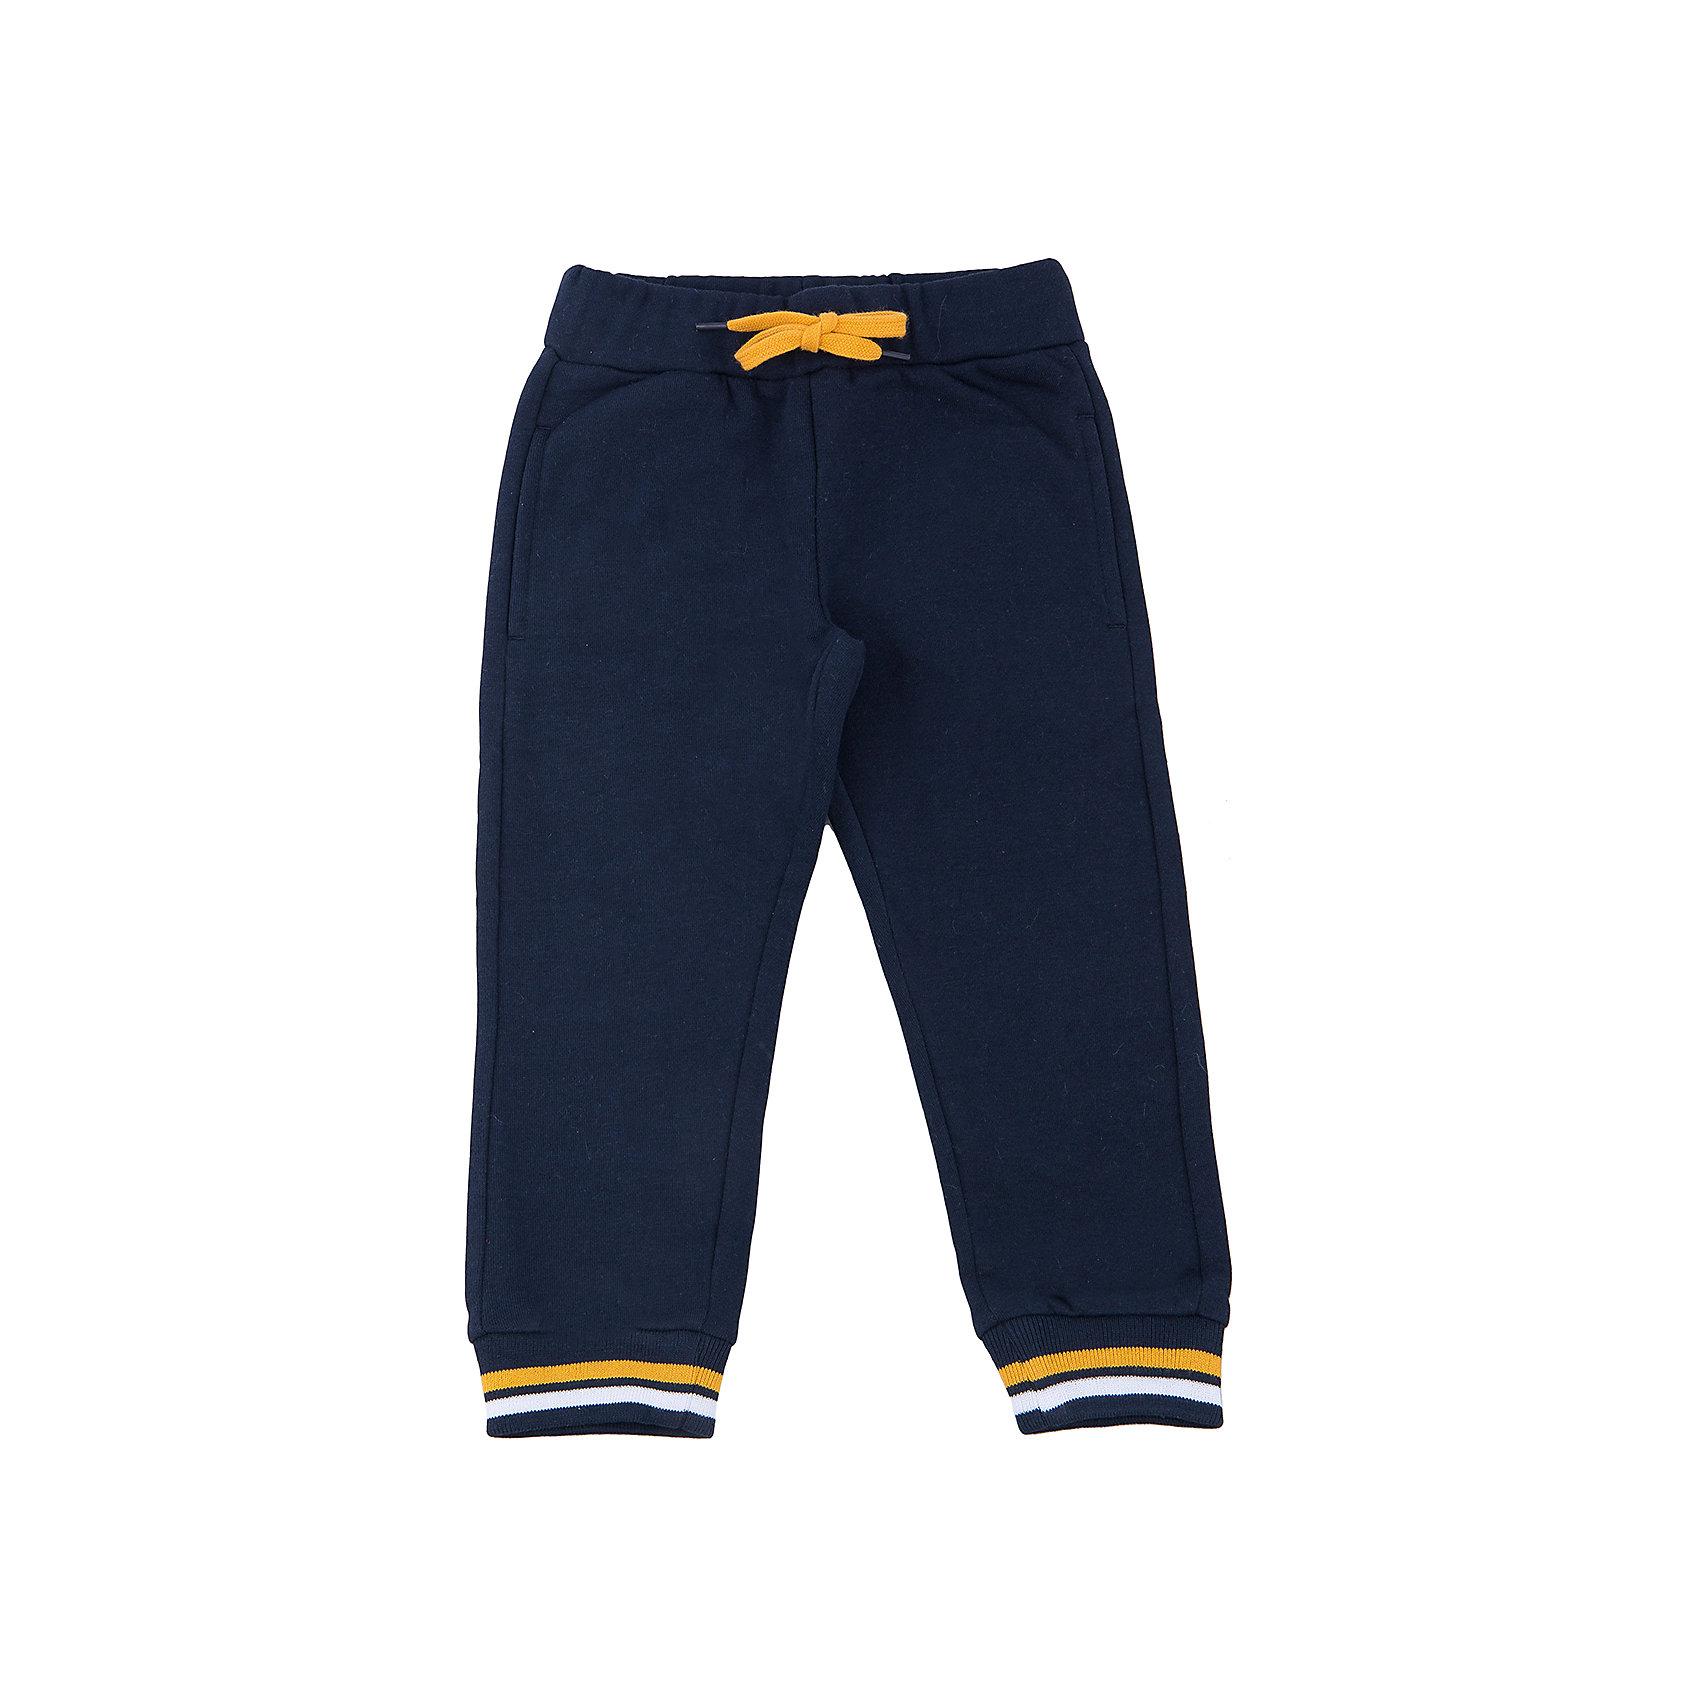 Брюки для мальчика SELAСпортивная форма<br>Спортивные брюки - незаменимая вещь в детском гардеробе. Эта модель отлично сидит на ребенке, она сшита из приятного на ощупь материала, который обеспечивает ребенку комфорт. Модель станет отличной базовой вещью, которая будет уместна в различных сочетаниях.<br>Одежда от бренда Sela (Села) - это качество по приемлемым ценам. Многие российские родители уже оценили преимущества продукции этой компании и всё чаще приобретают одежду и аксессуары Sela.<br><br>Дополнительная информация:<br><br>материал: 80% хлопок, 20% ПЭ;<br>удобная посадка;<br>резинка и шнурок в поясе.<br><br>Брюки для мальчика от бренда Sela можно купить в нашем интернет-магазине.<br><br>Ширина мм: 215<br>Глубина мм: 88<br>Высота мм: 191<br>Вес г: 336<br>Цвет: синий<br>Возраст от месяцев: 60<br>Возраст до месяцев: 72<br>Пол: Мужской<br>Возраст: Детский<br>Размер: 116,92,98,104,110<br>SKU: 4919486